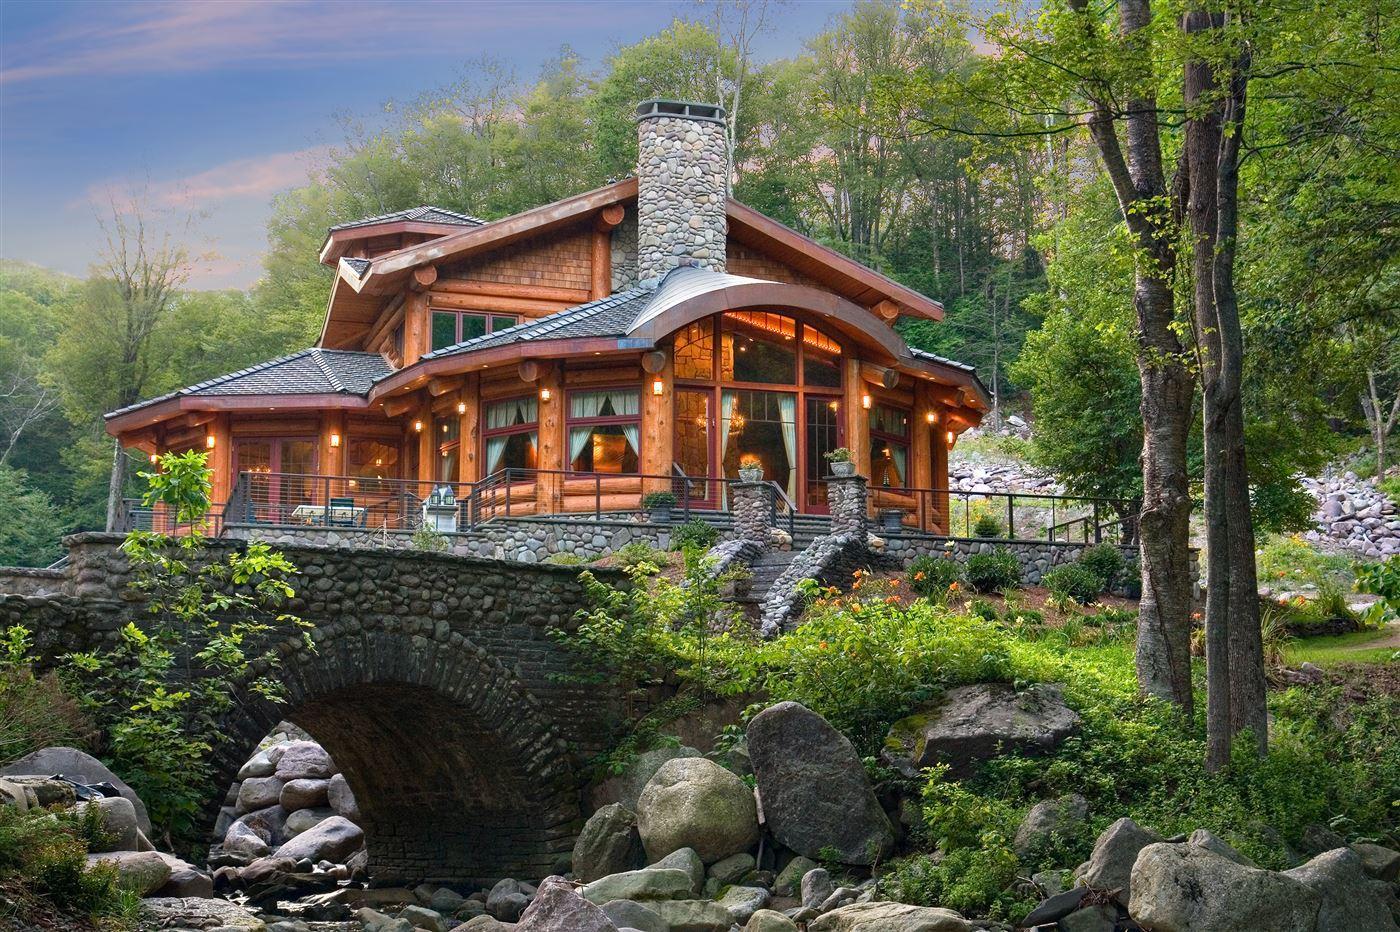 Cabin fever, wood facade